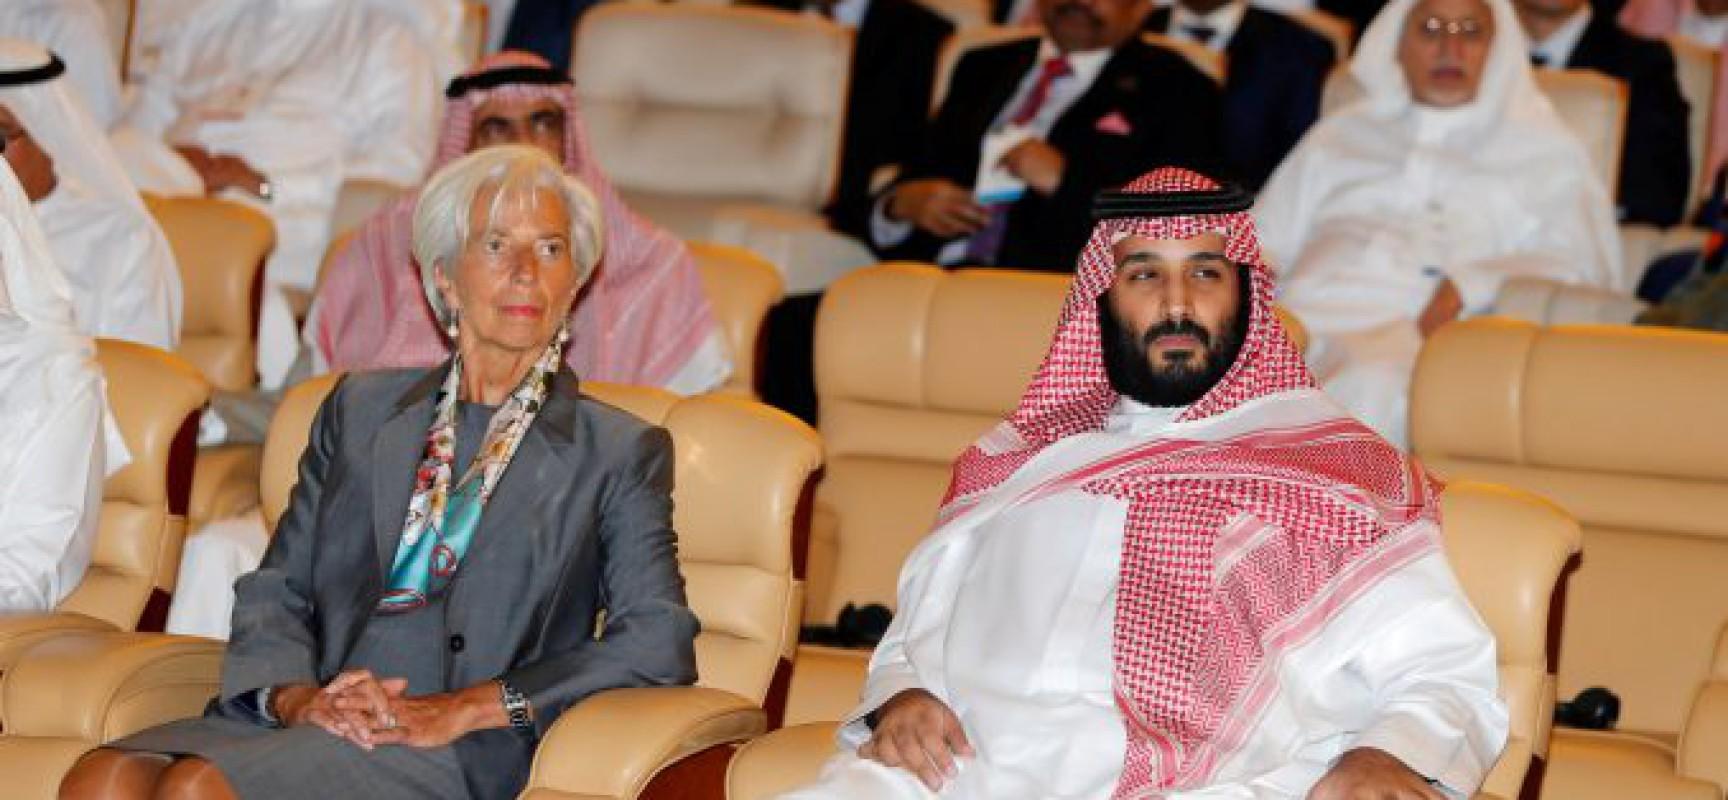 Le coup d'État saoudien et le reset du nouvel ordre mondial